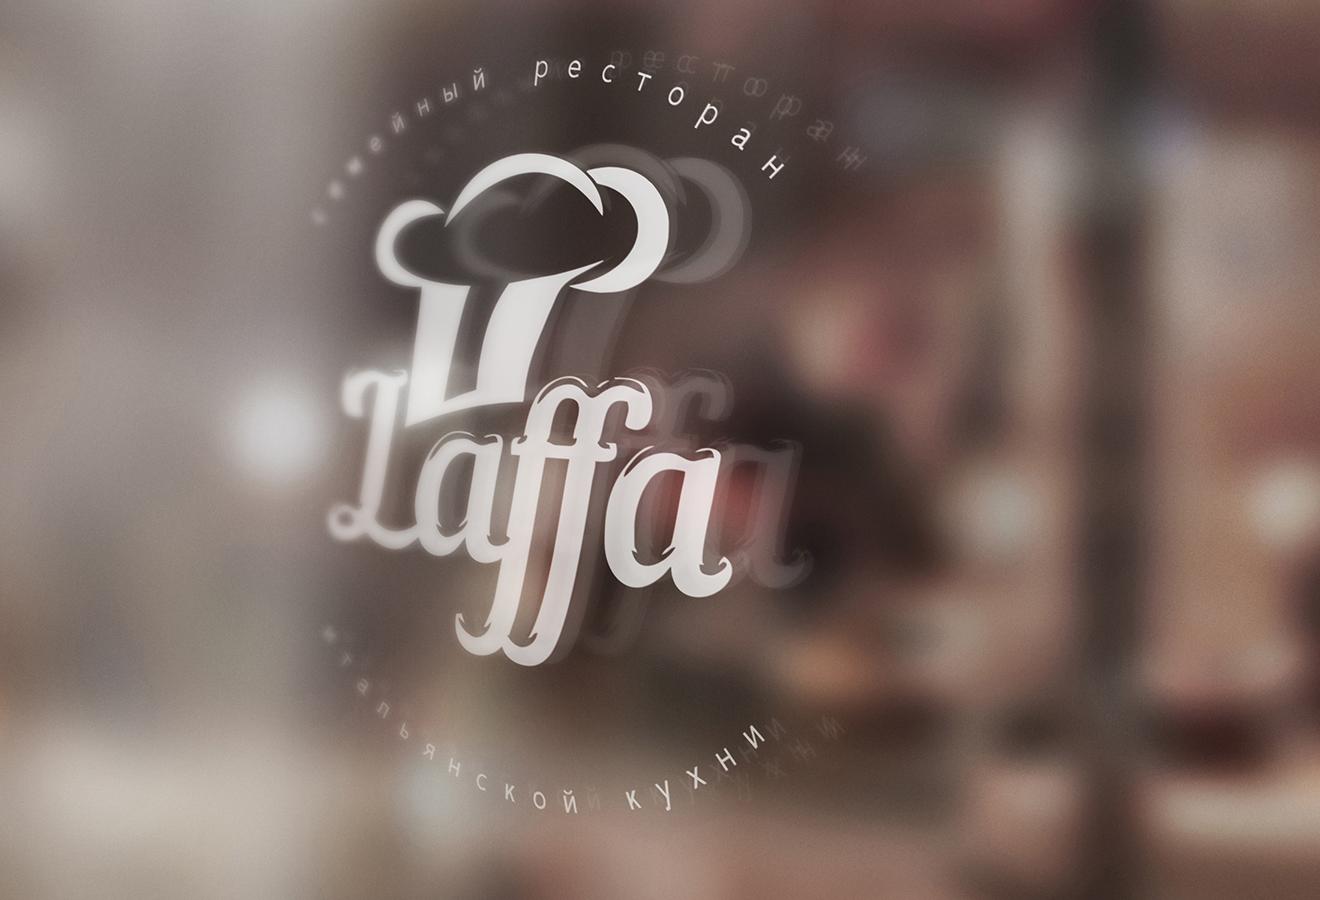 Нужно нарисовать логотип для семейного итальянского ресторан фото f_568554afbcbb13c8.jpg